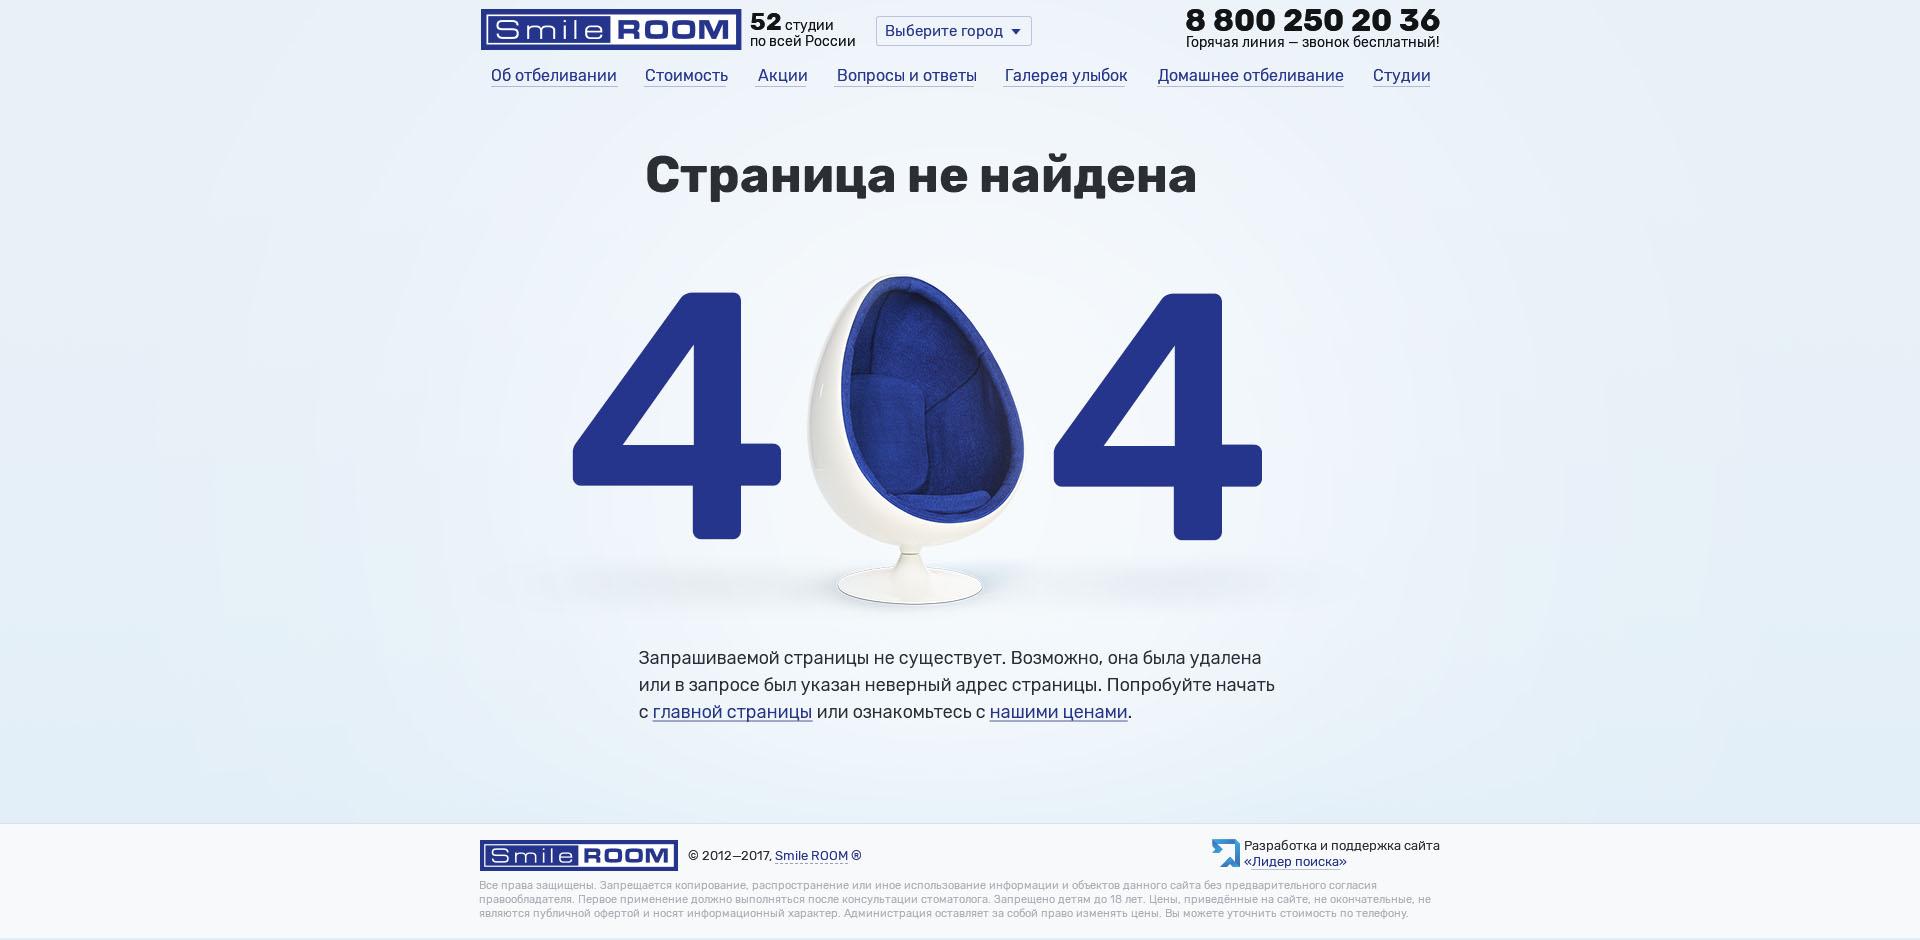 Необычное оформление 404 страницы в сочетании с подсказками располагает пользователя к сайту